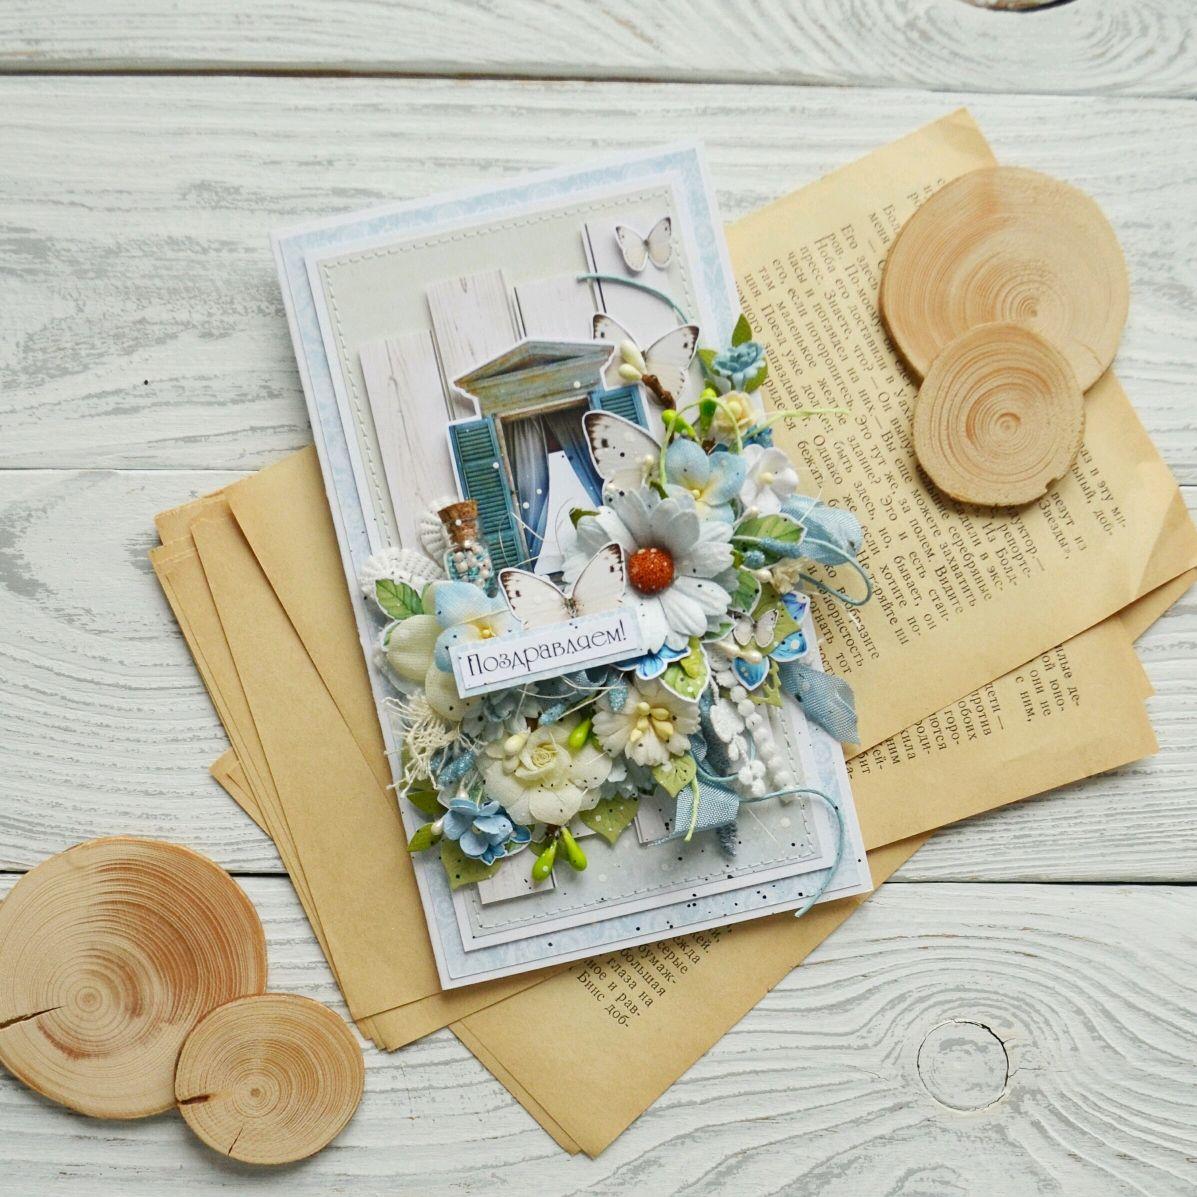 Авторская открытка на заказ, прикольные картинки фривольные